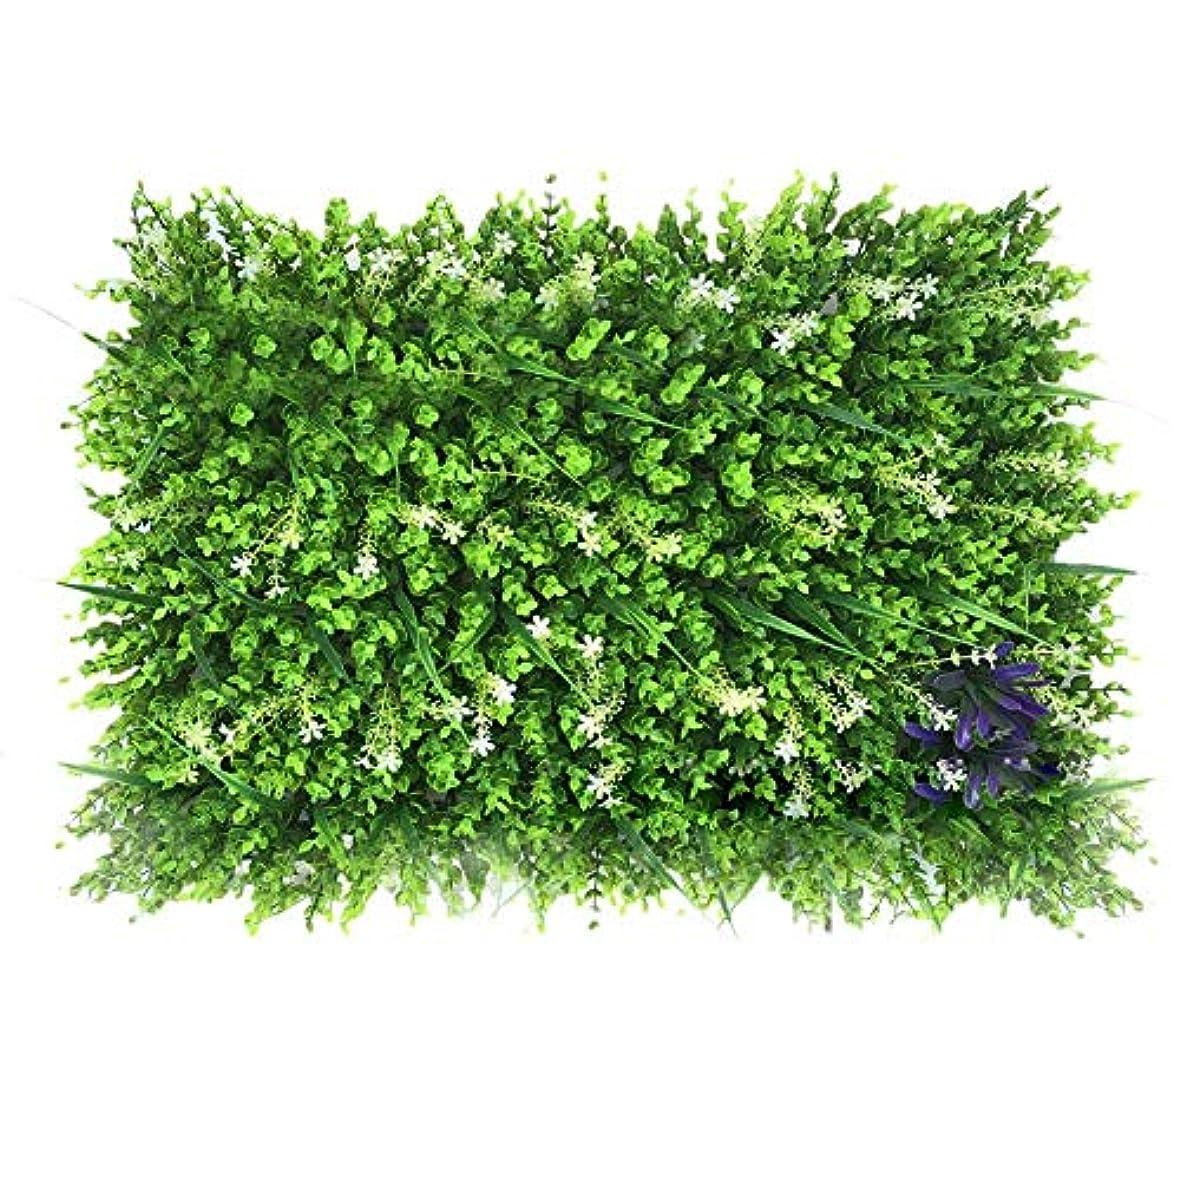 文庫本承認酸度人工植物壁ヘッジ吊り植物プライバシーヘッジアイビーつる壁UV保護人工ヘッジ葉背景壁の家の部屋の庭の結婚式の装飾-40cmx60cm